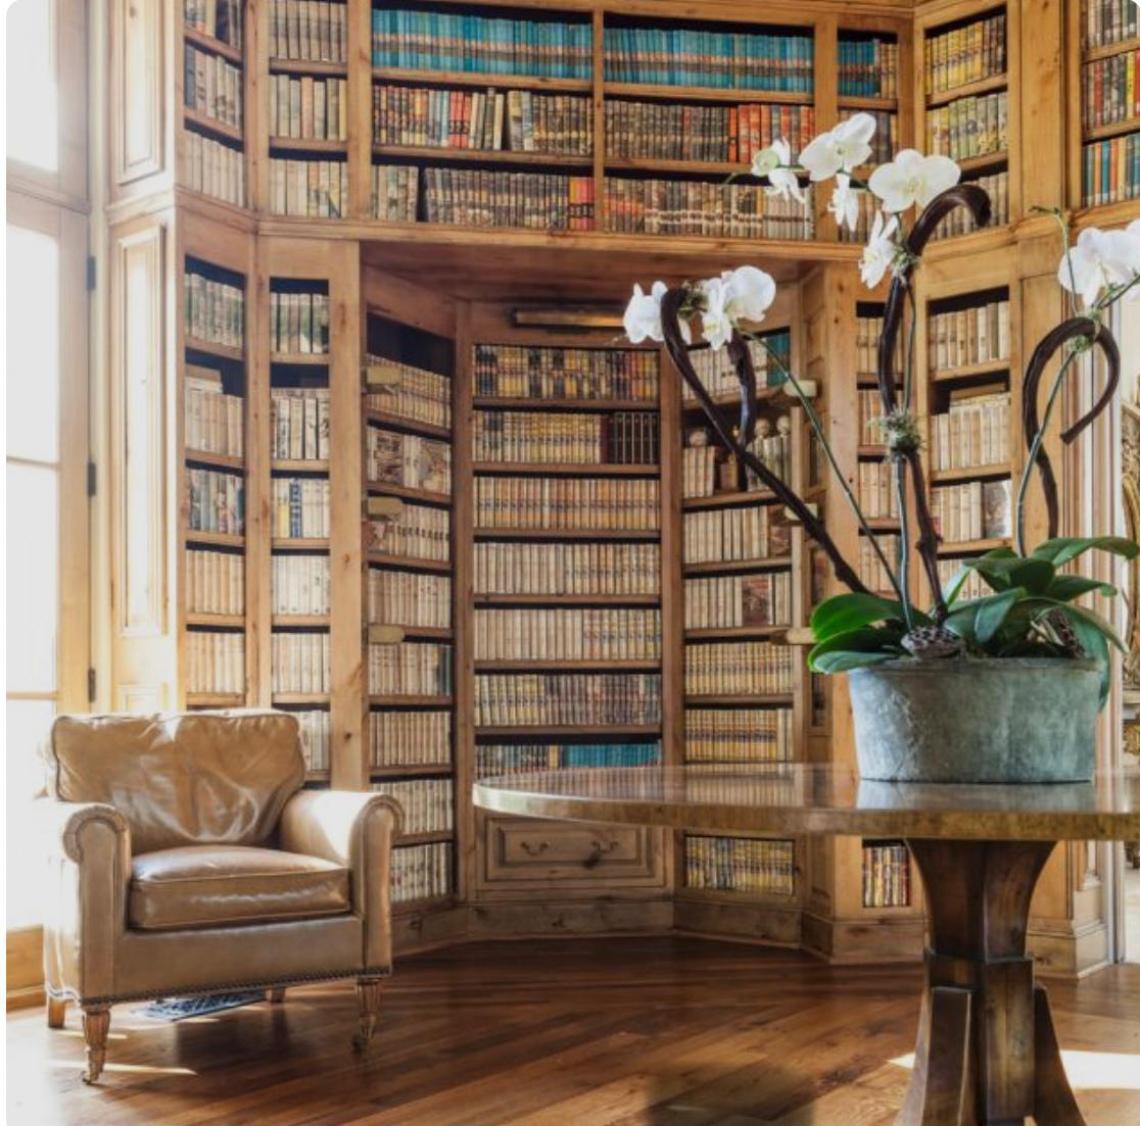 Leilão da Biblioteca do Dr. George Bittencourt Doyle Maia. Médico e Professor. Reitor e Vice Reitor